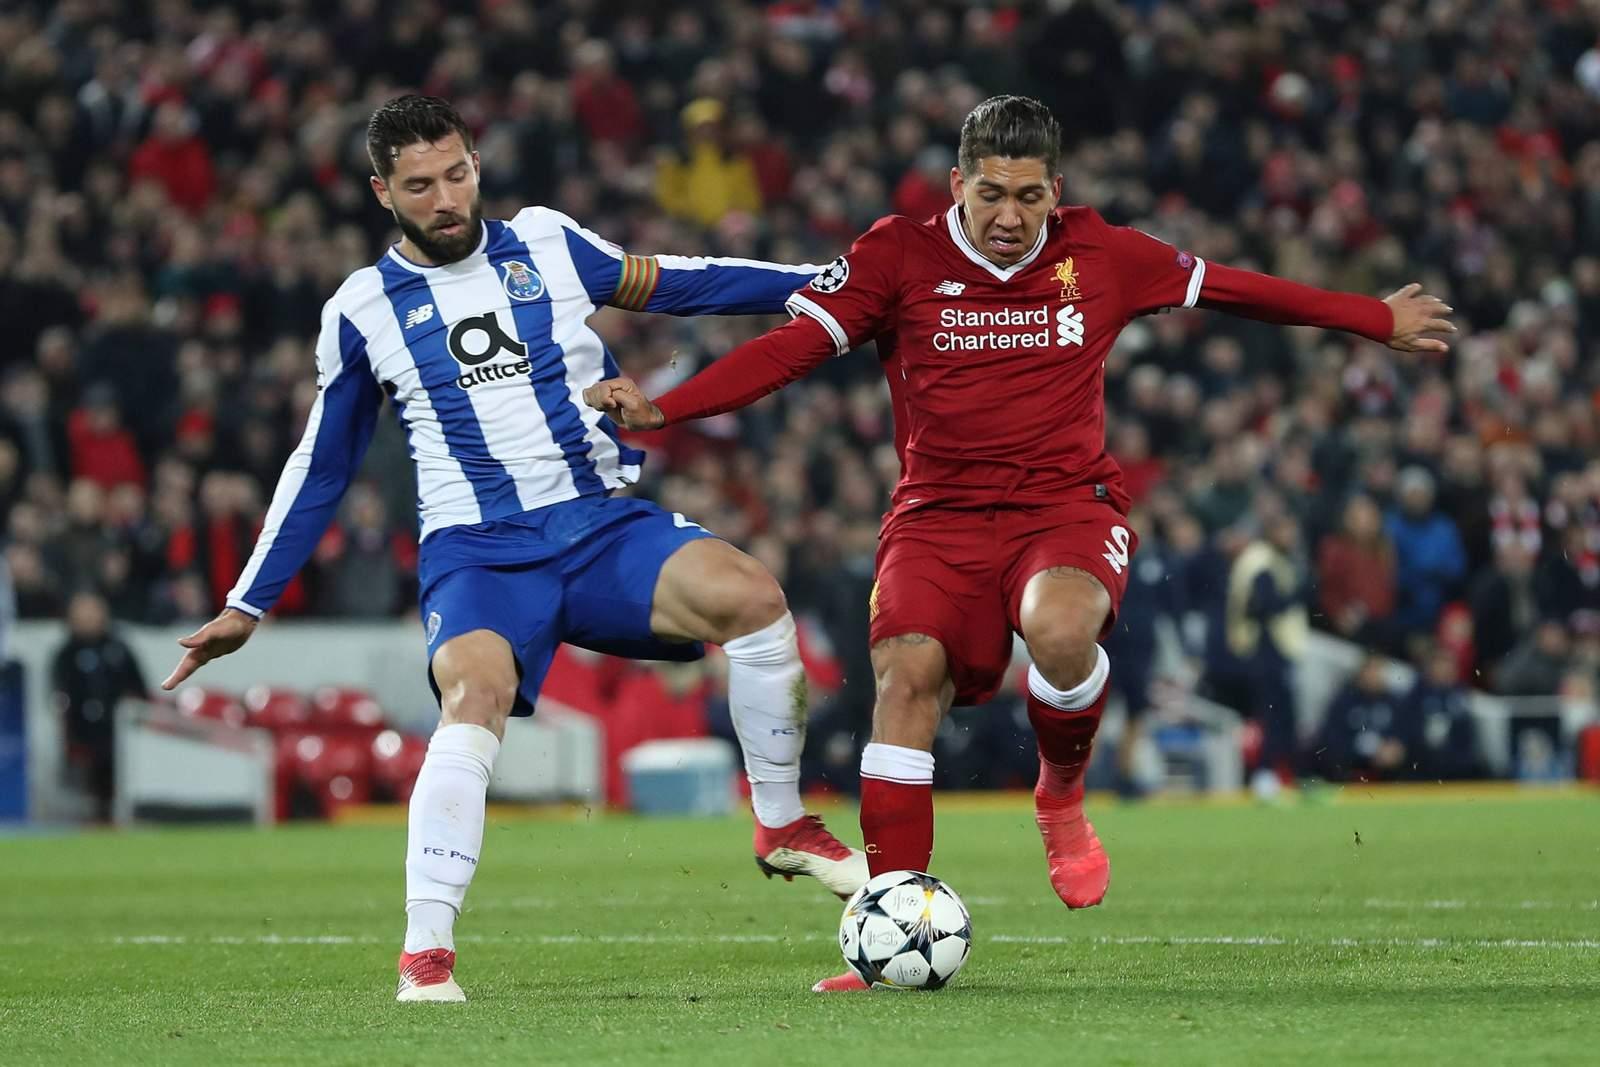 Setzt sich Firmino gegen Felipe durch? Jetzt auf Liverpool gegen Porto wetten